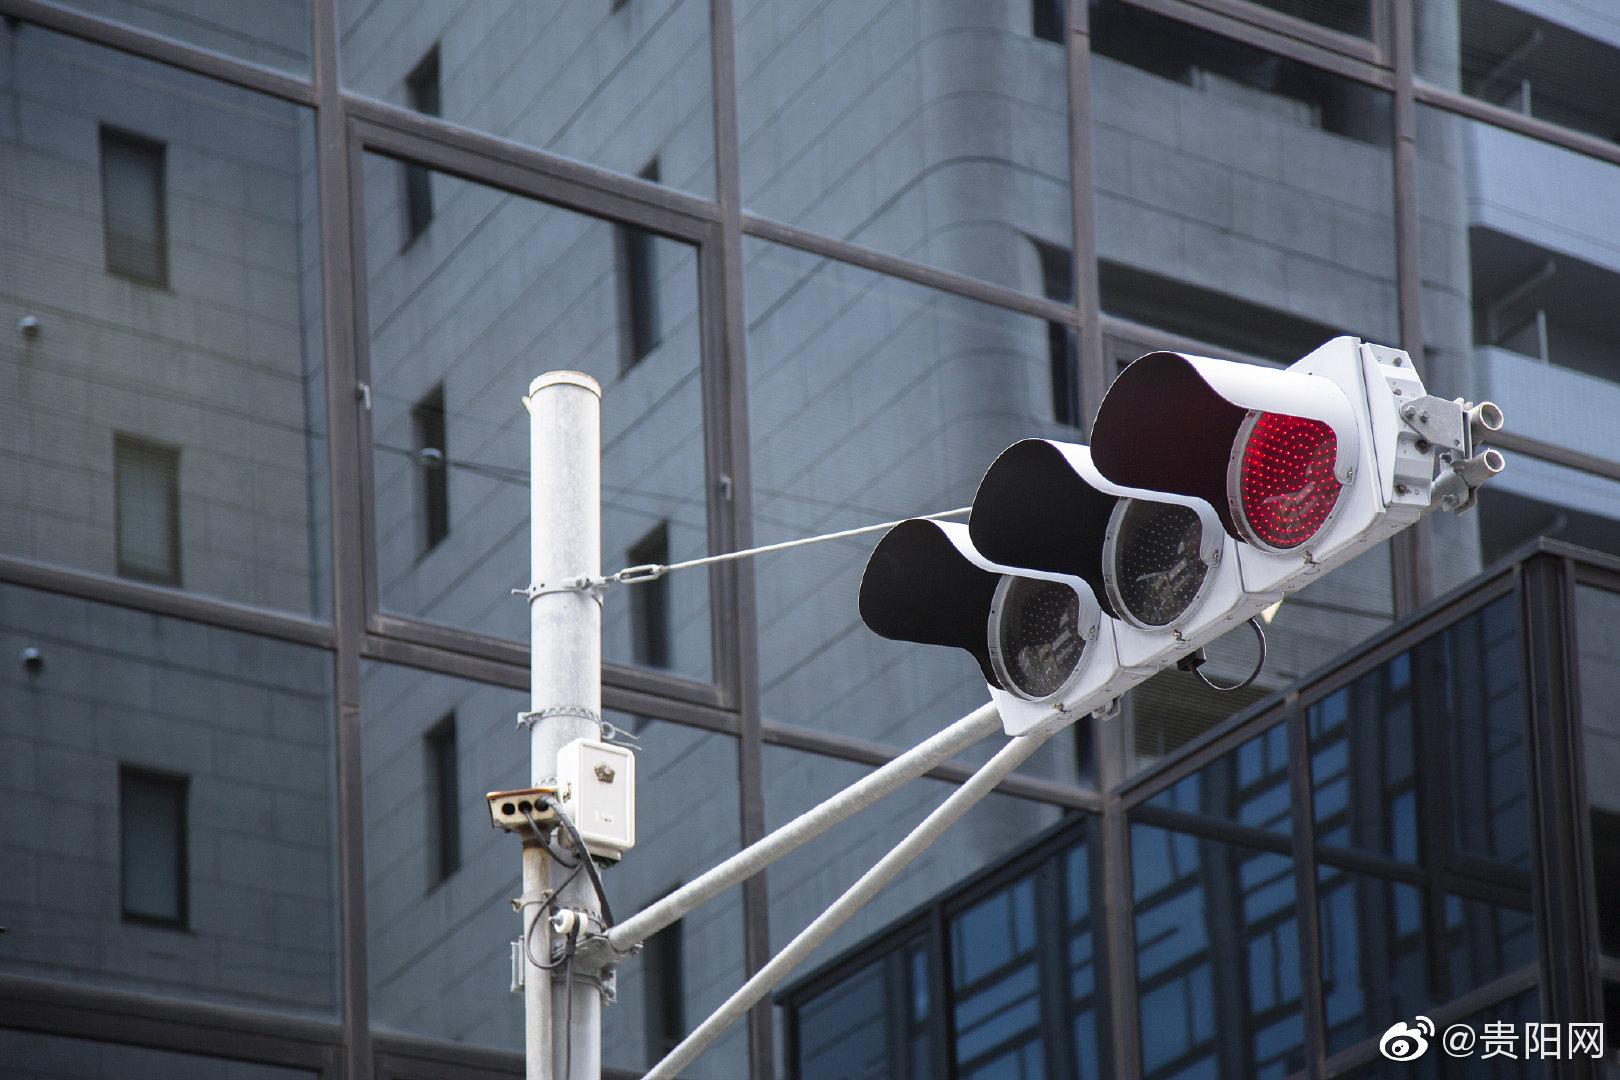 丨贵阳世纪城两路口无信号灯致道路拥堵,交管局:暂不适合增设